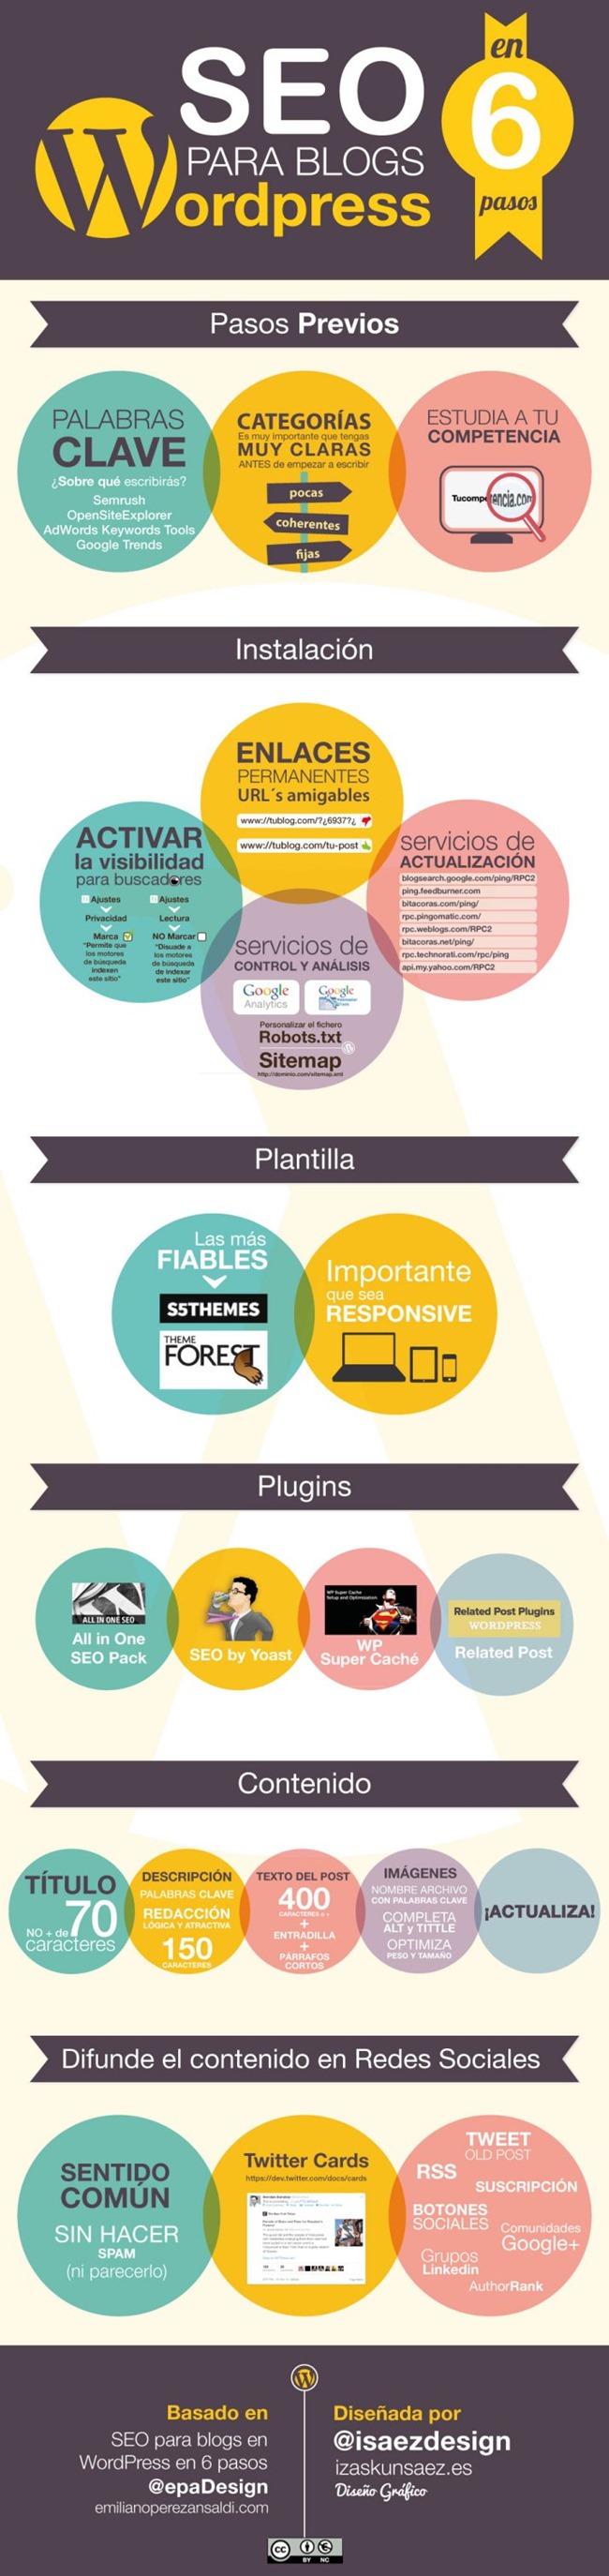 SEO para WordPress en 6 pasos